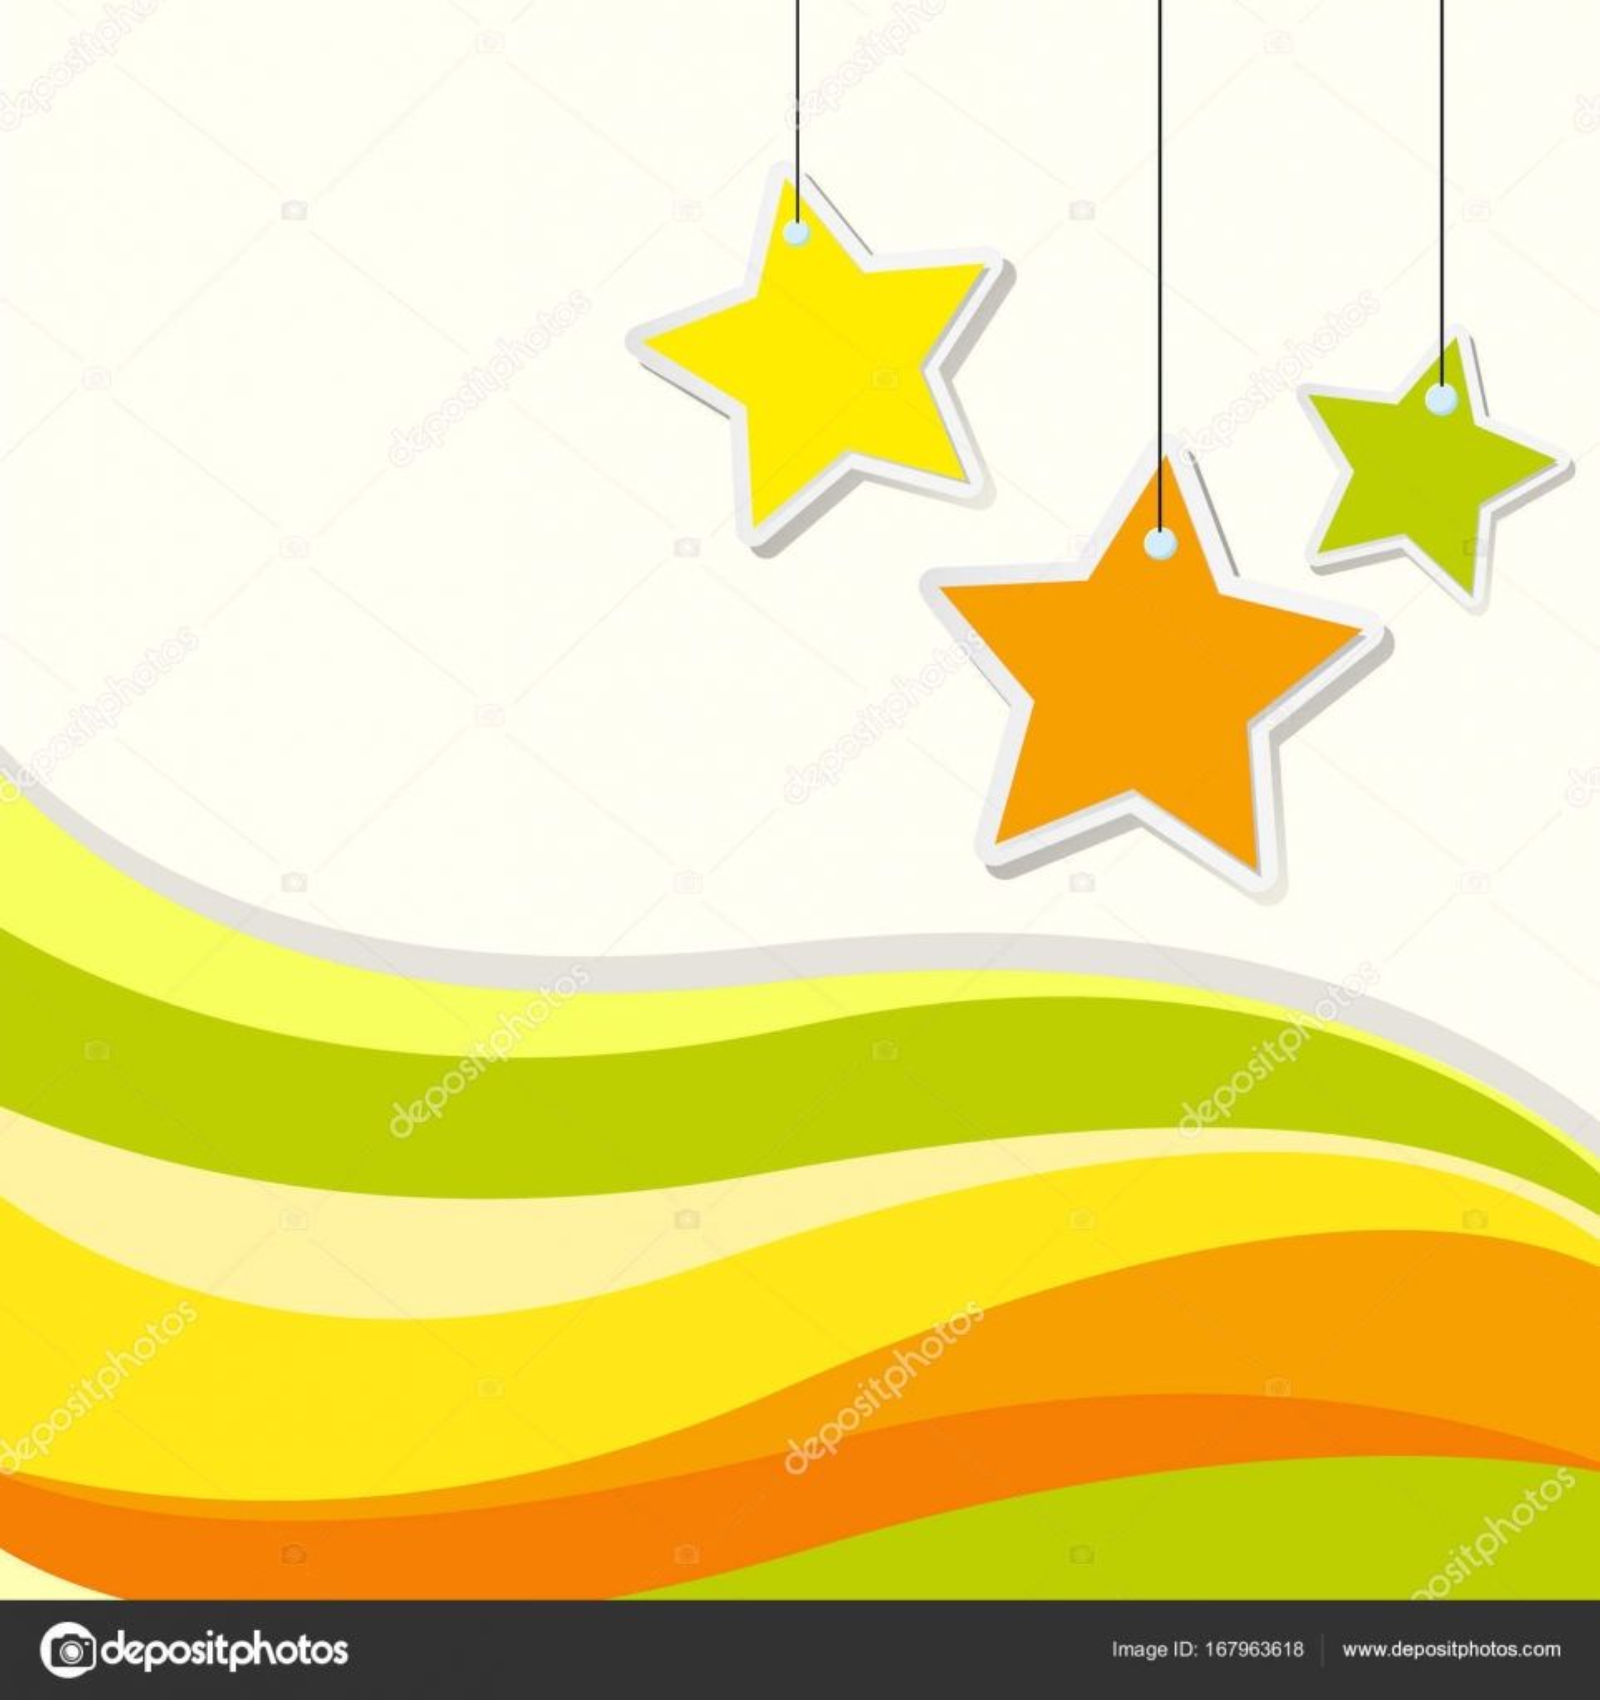 星と黄色の波線の背景デザイン — ストックベクター © brgfx #167963618